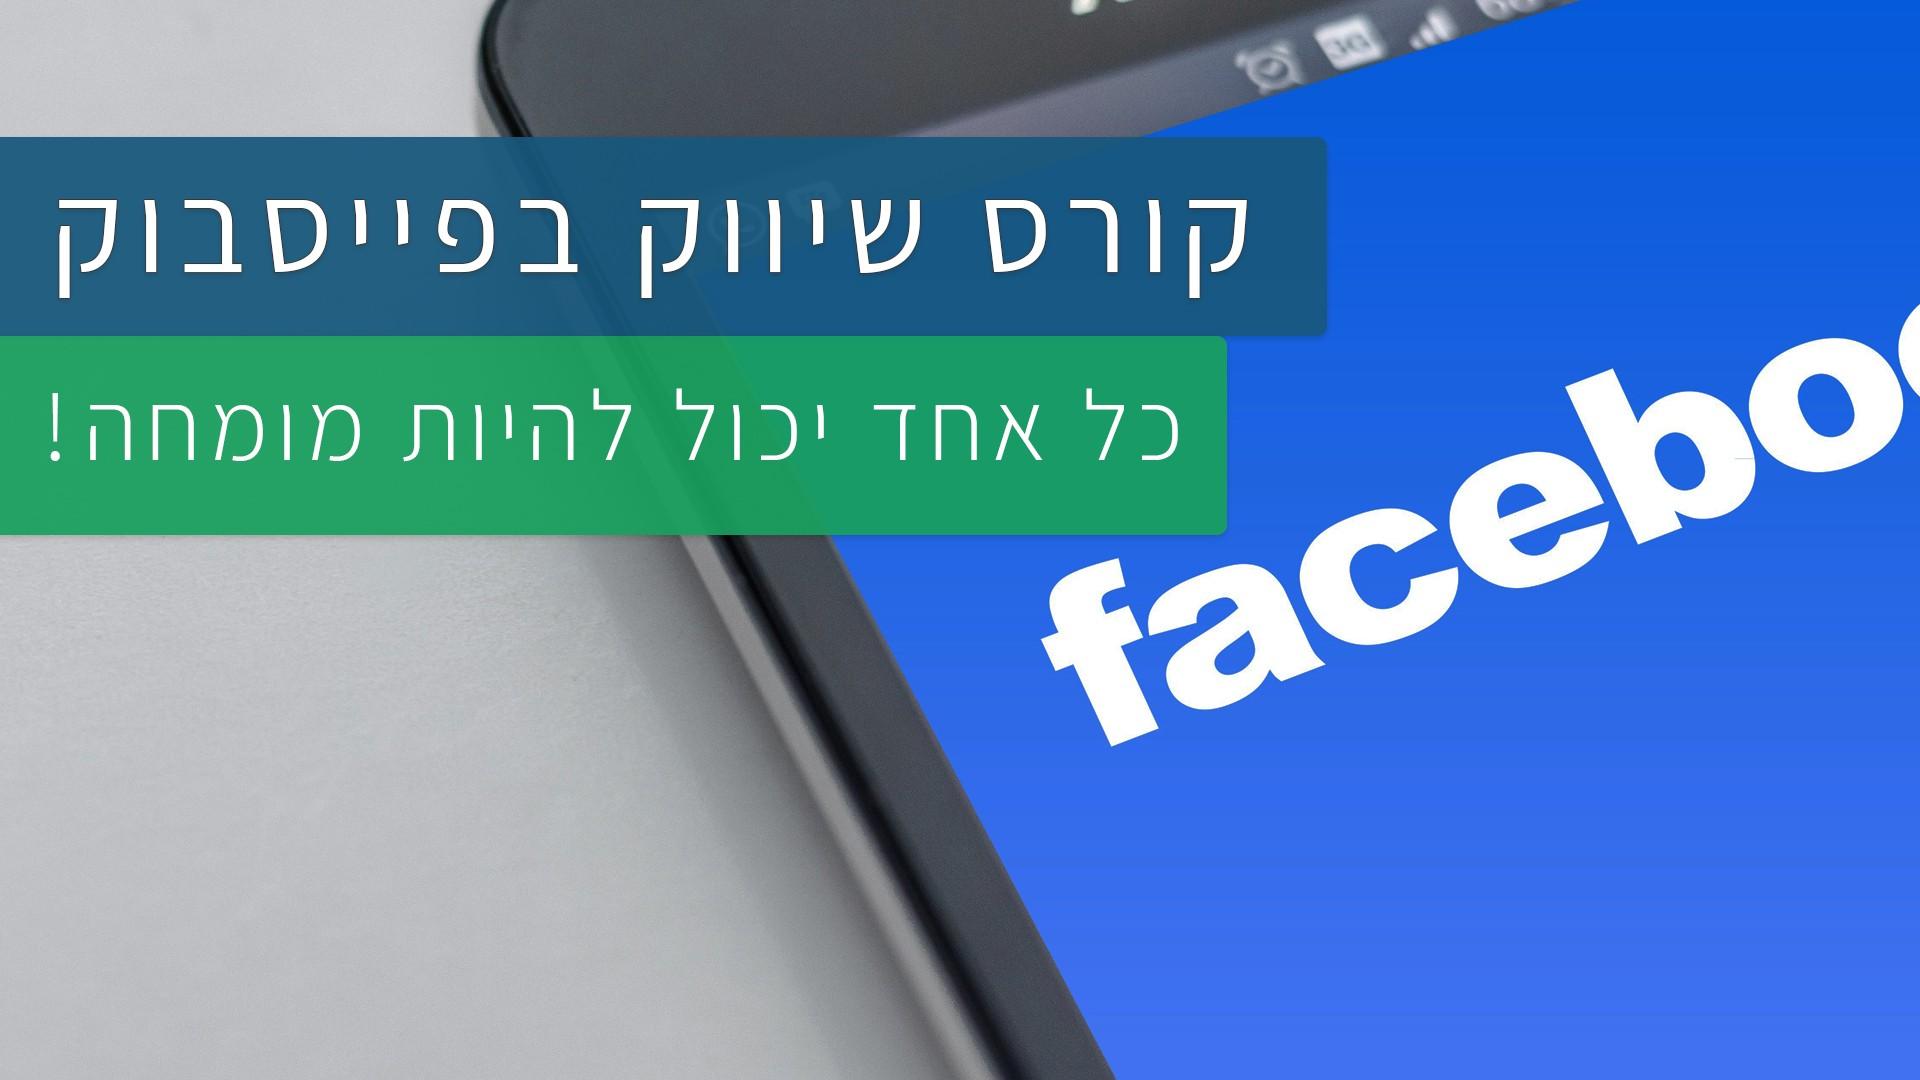 קורס שיווק בפייסבוק   הסודות של המומחים